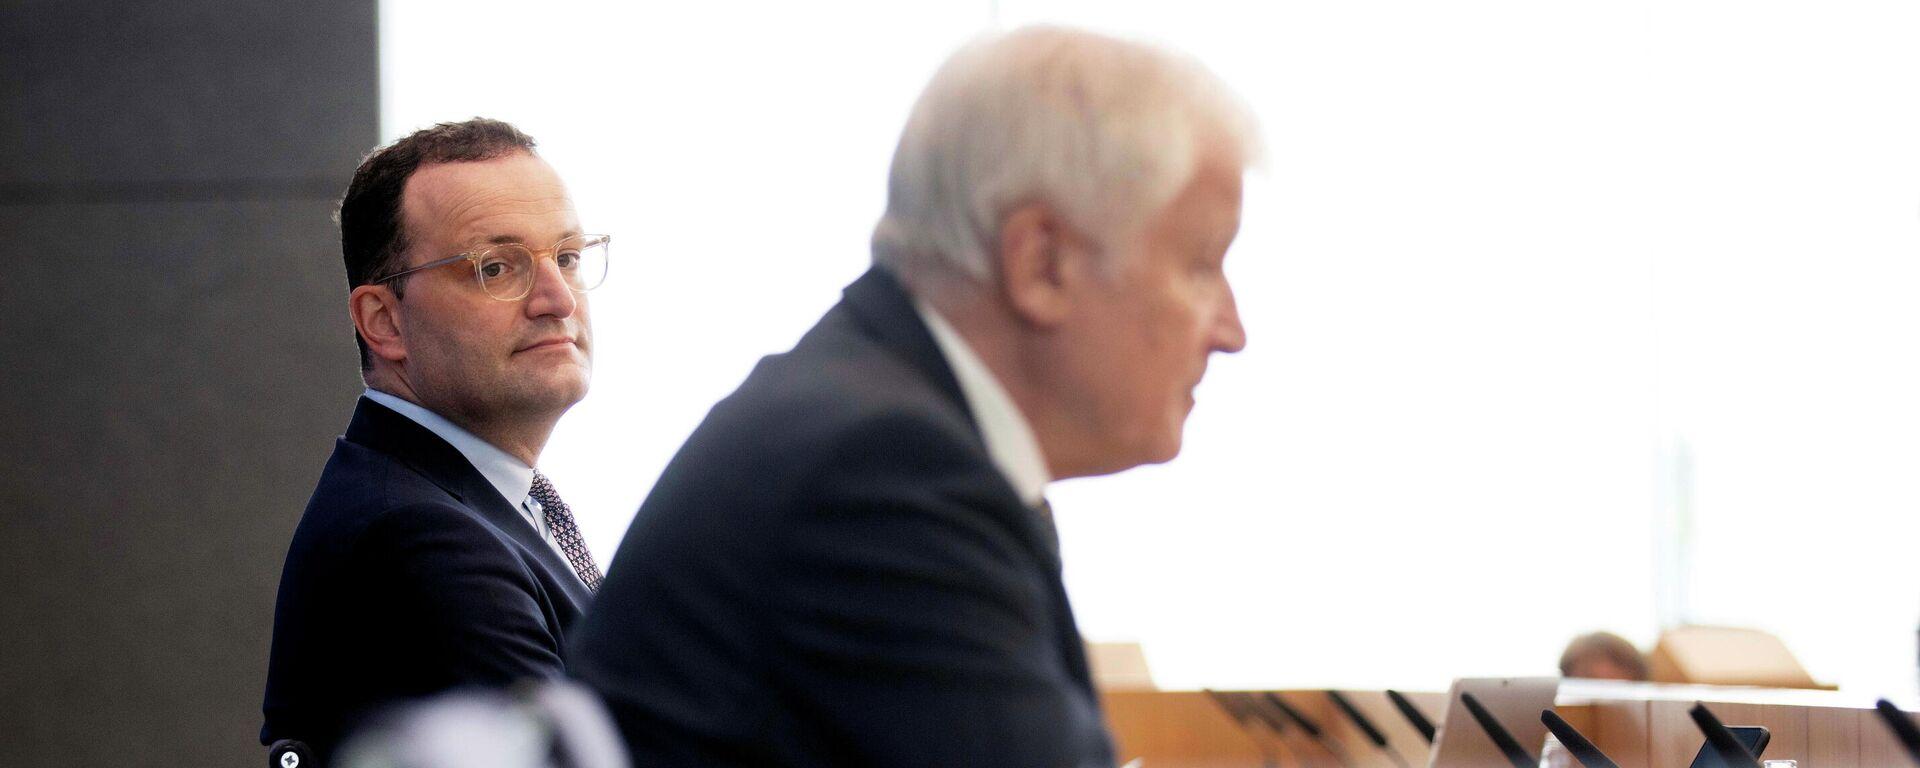 Bundesgesundheitsminister Jens Spahn und Innenminister Horst Seehofer nehmen am 21. Juli 2021 in Berlin an einer Pressekonferenz zur Corona-Pandemie teil. - SNA, 1920, 26.07.2021